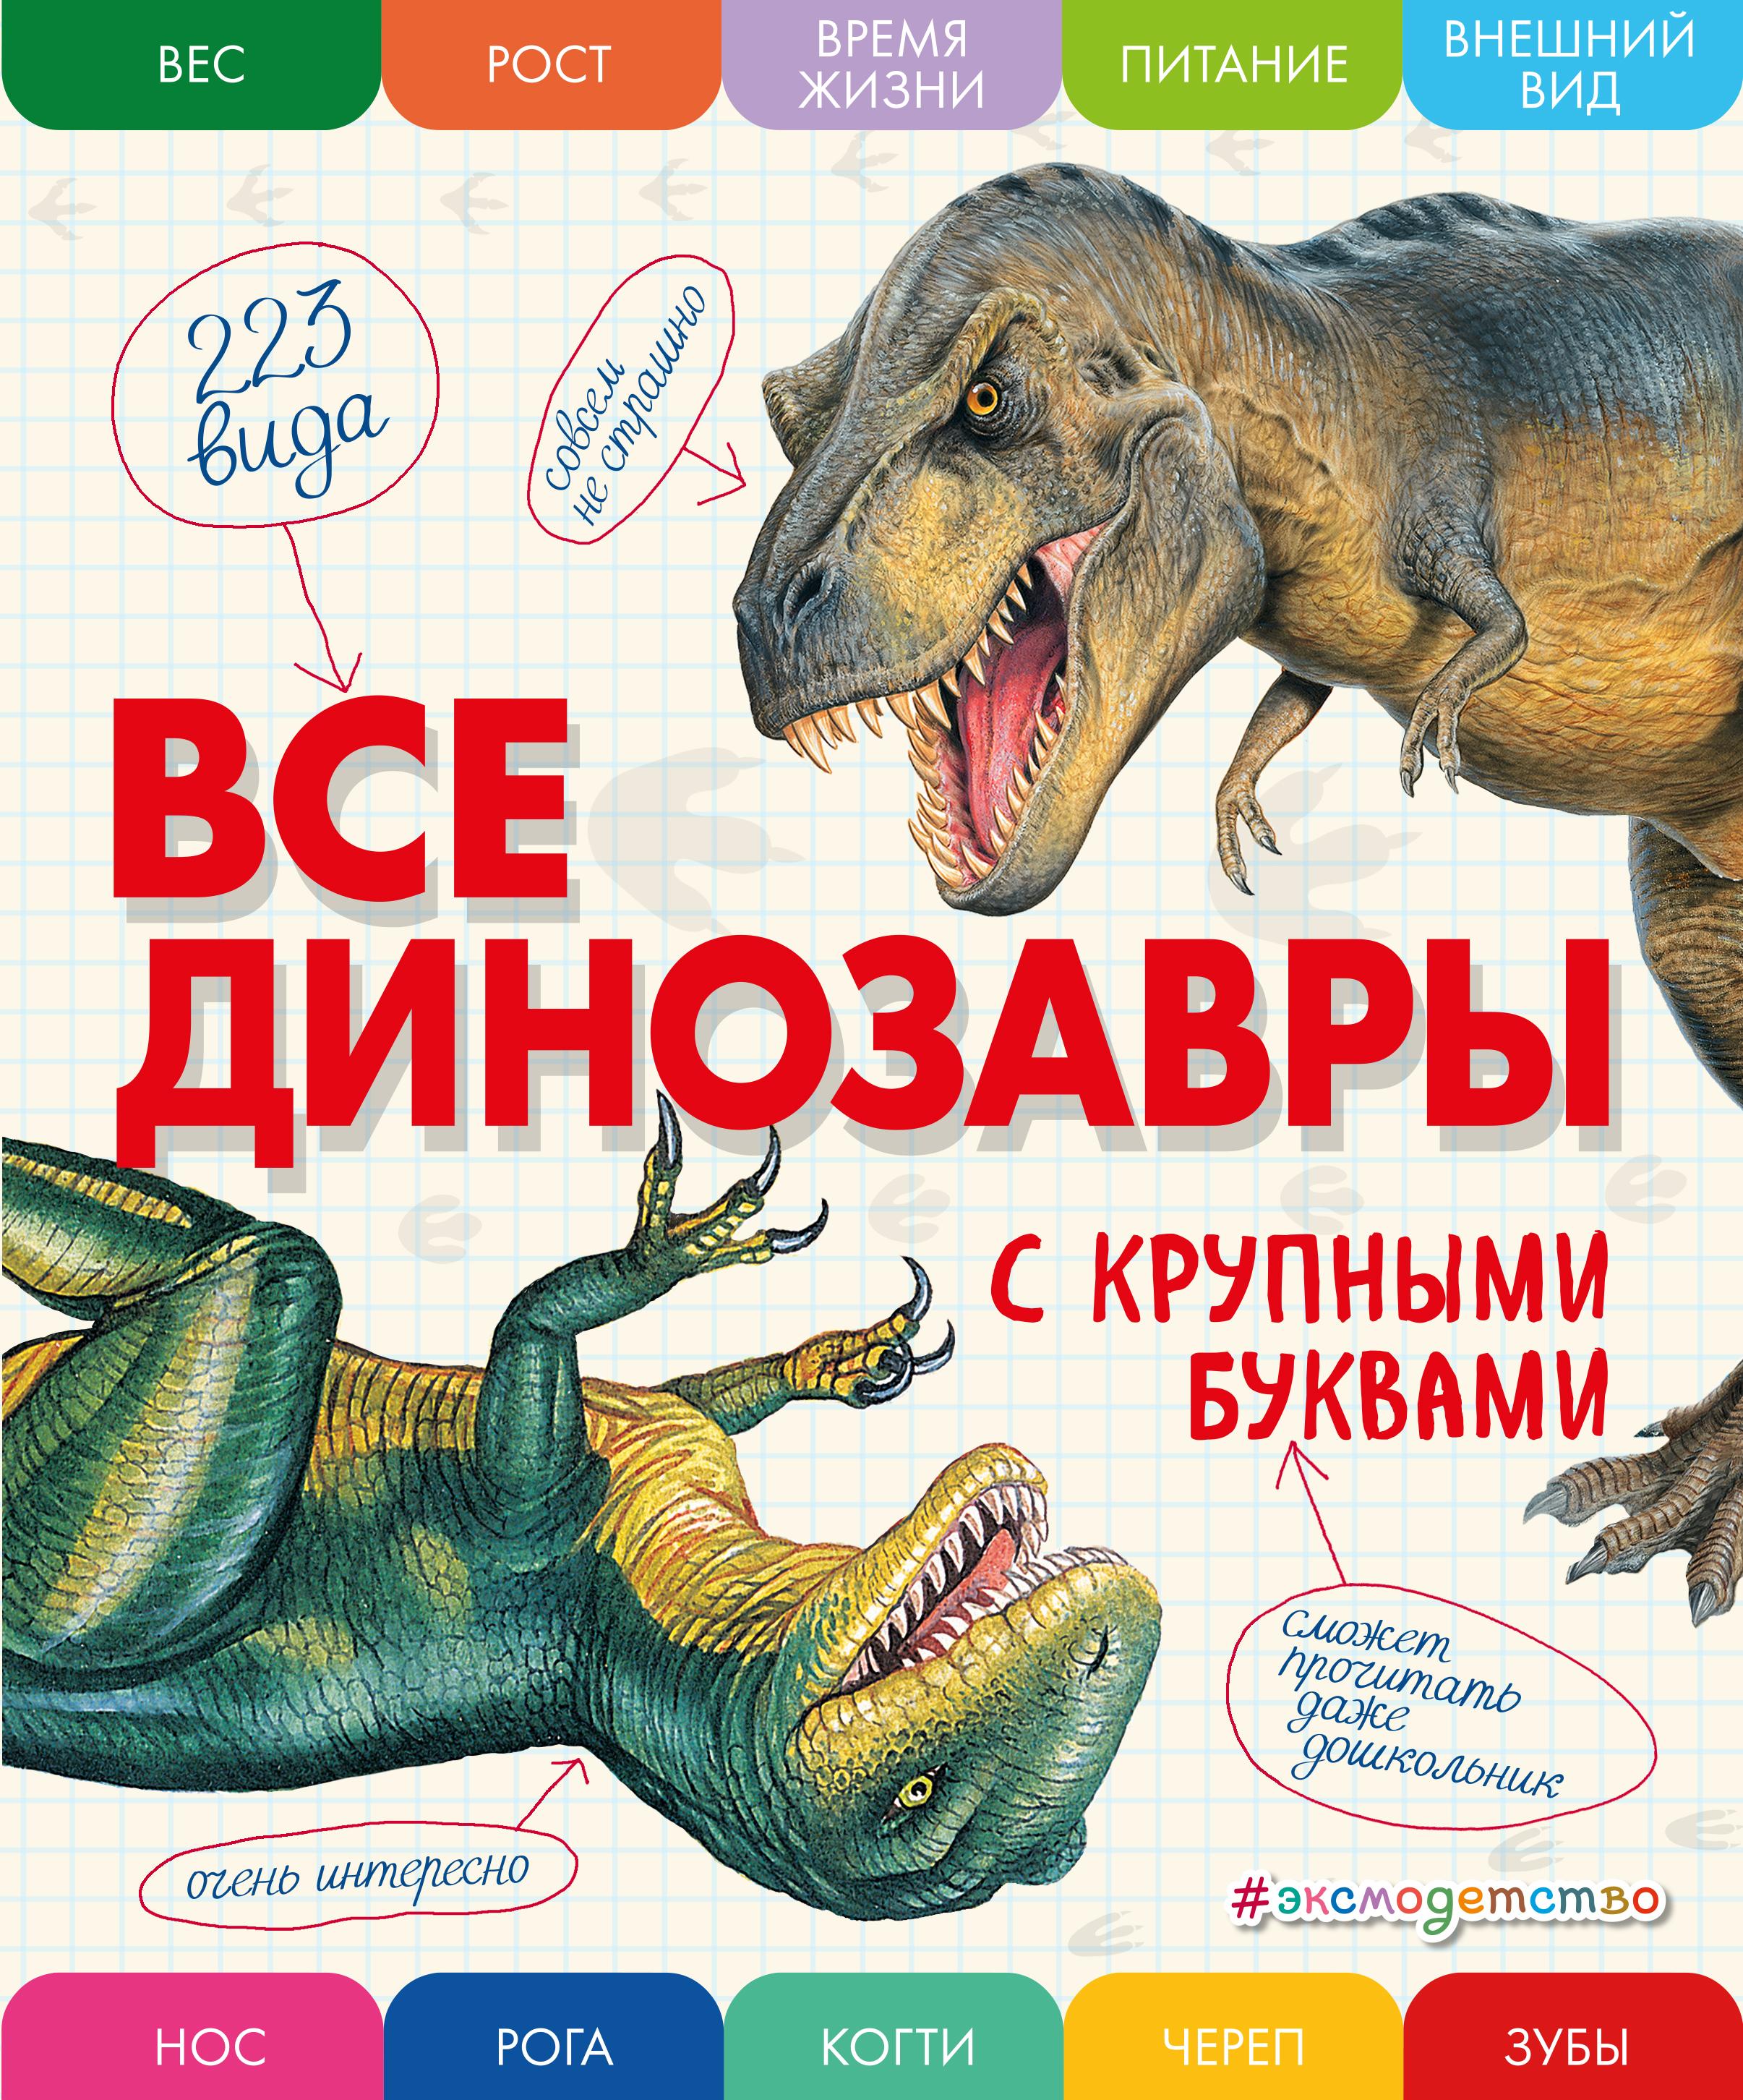 рисунок энциклопедии динозавров